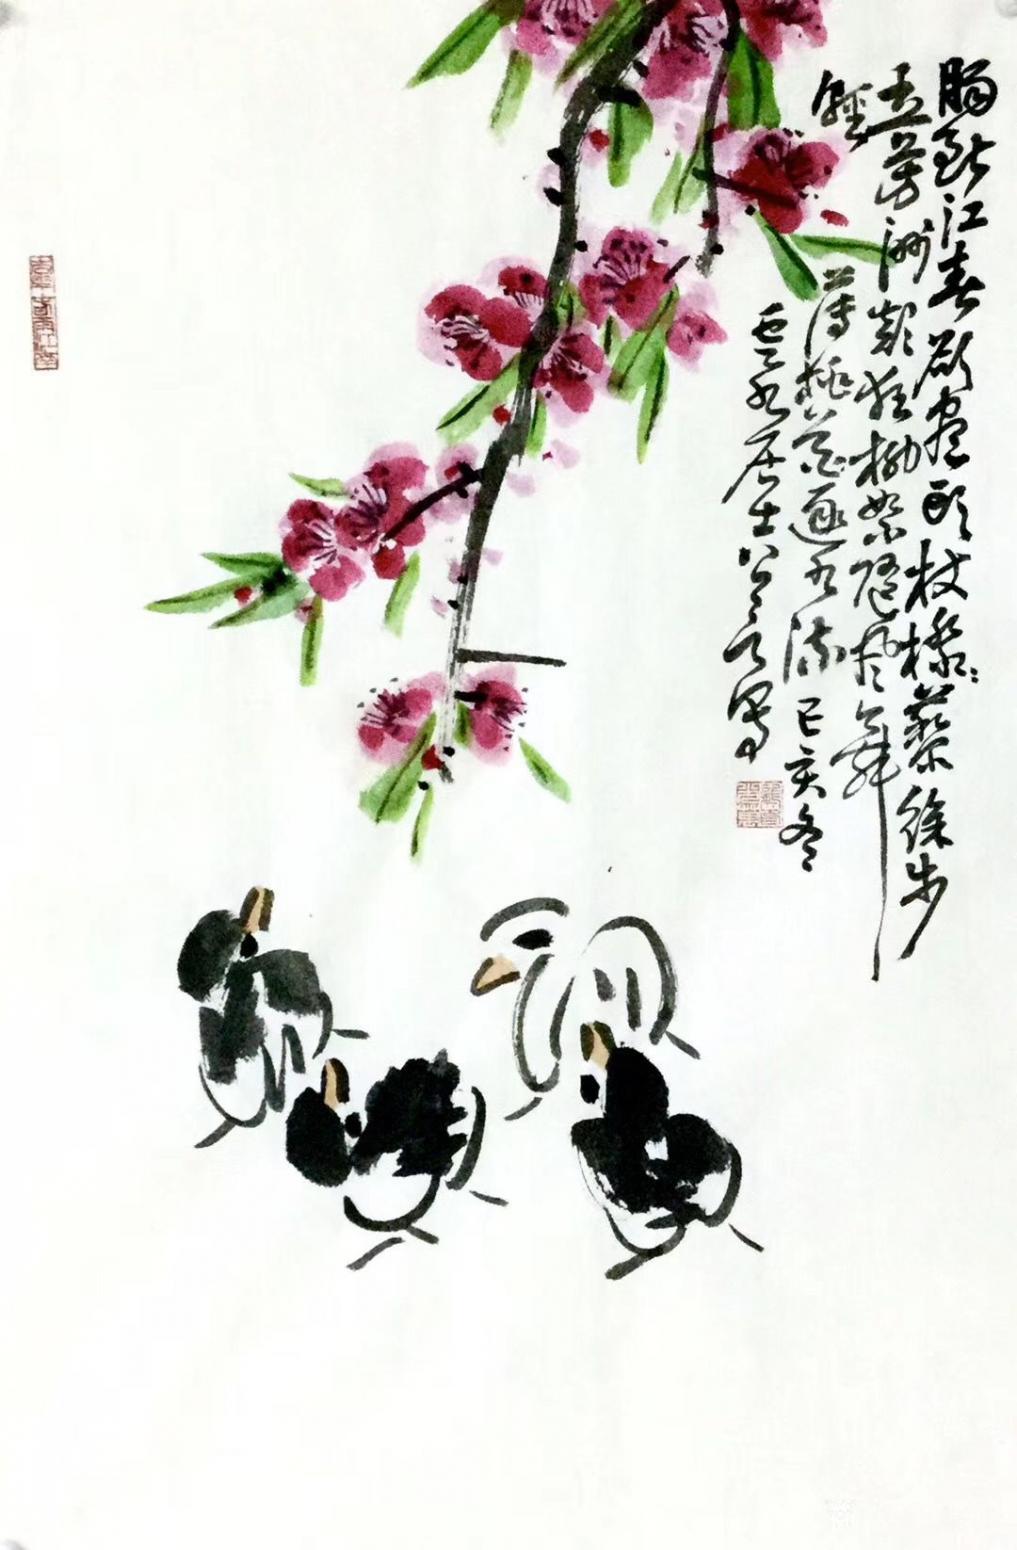 龚光万国画作品《花鸟-肠断江春欲尽头》【图0】